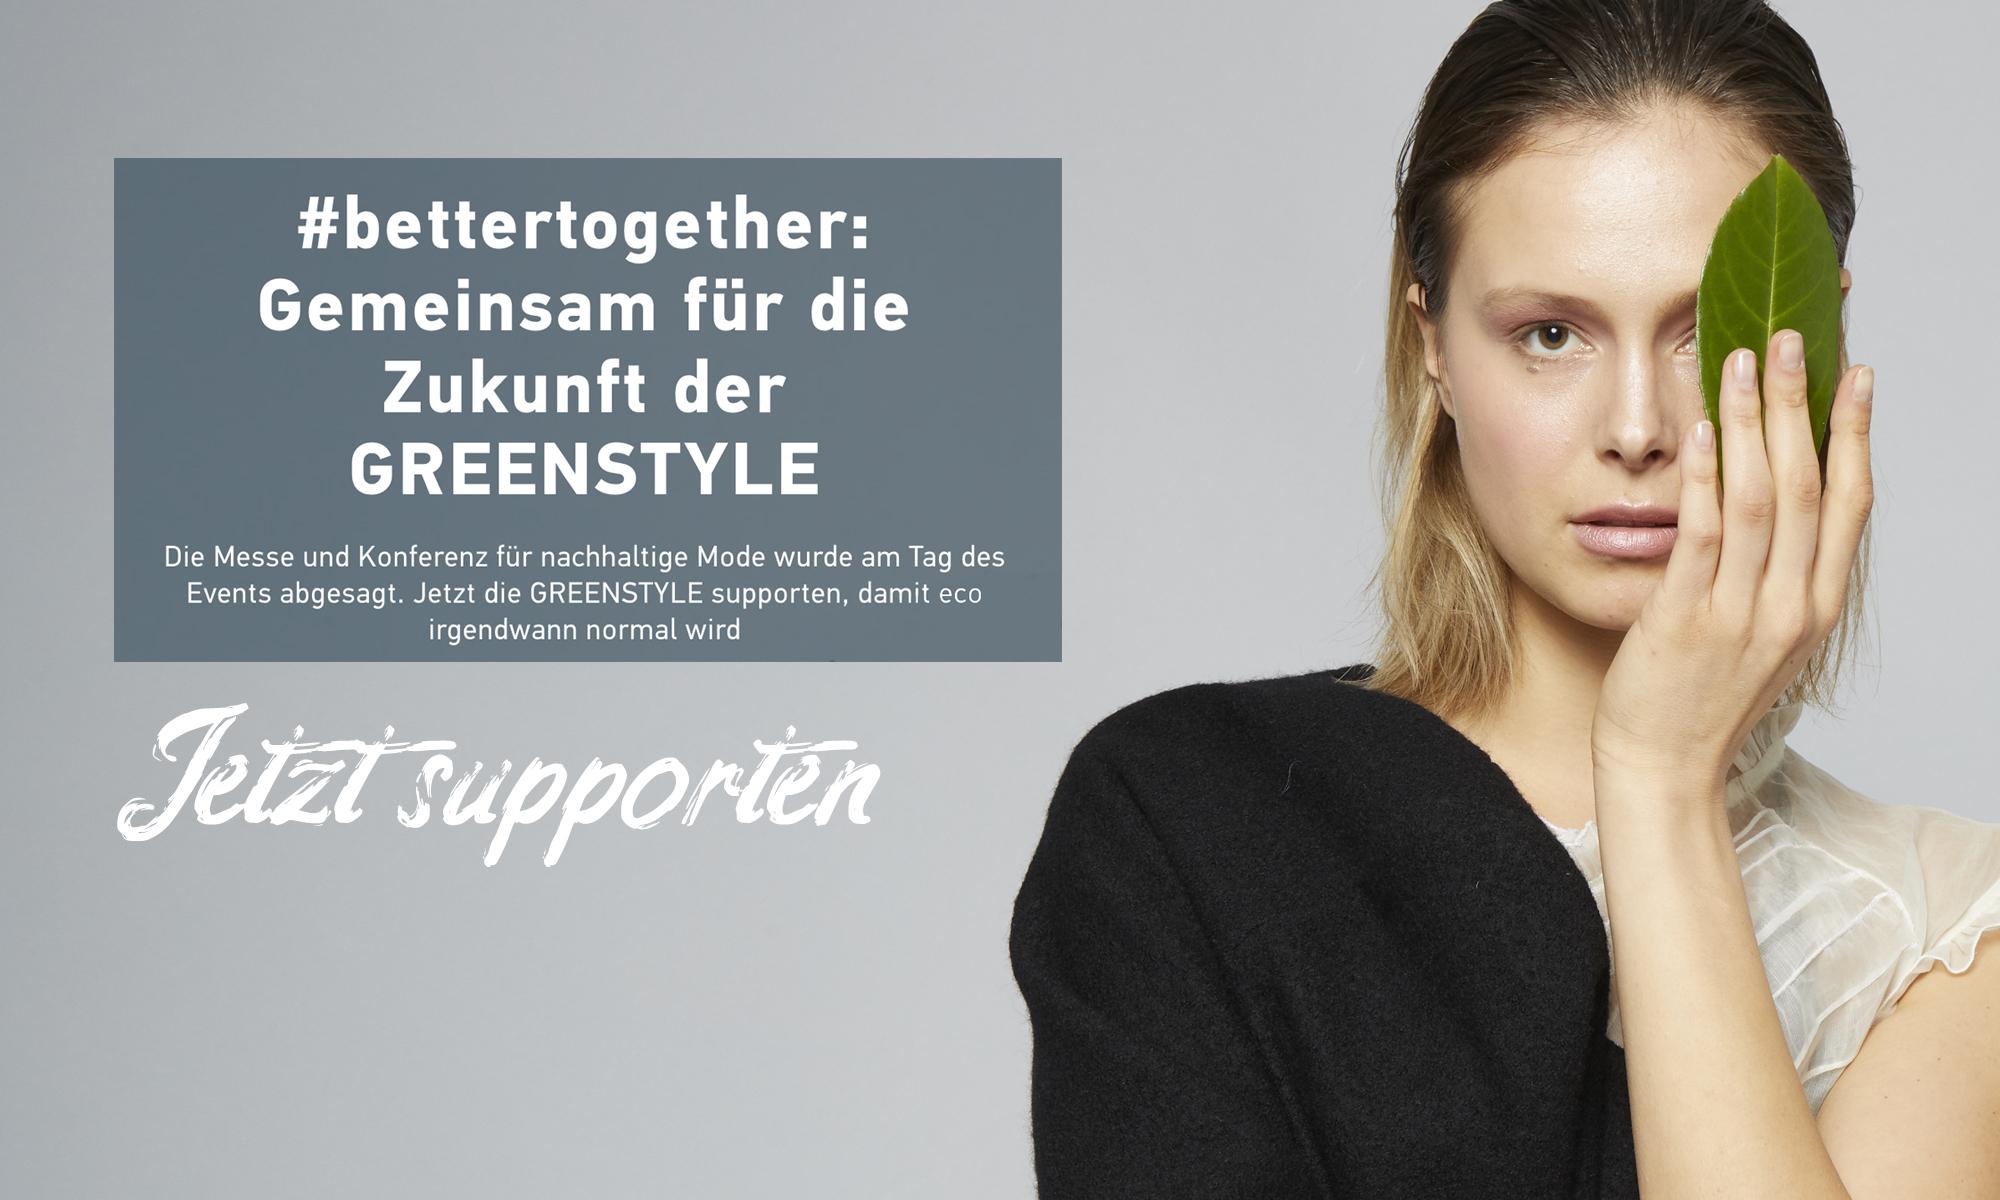 #bettertogether: Jetzt die Zukunft der GREENSTYLE retten